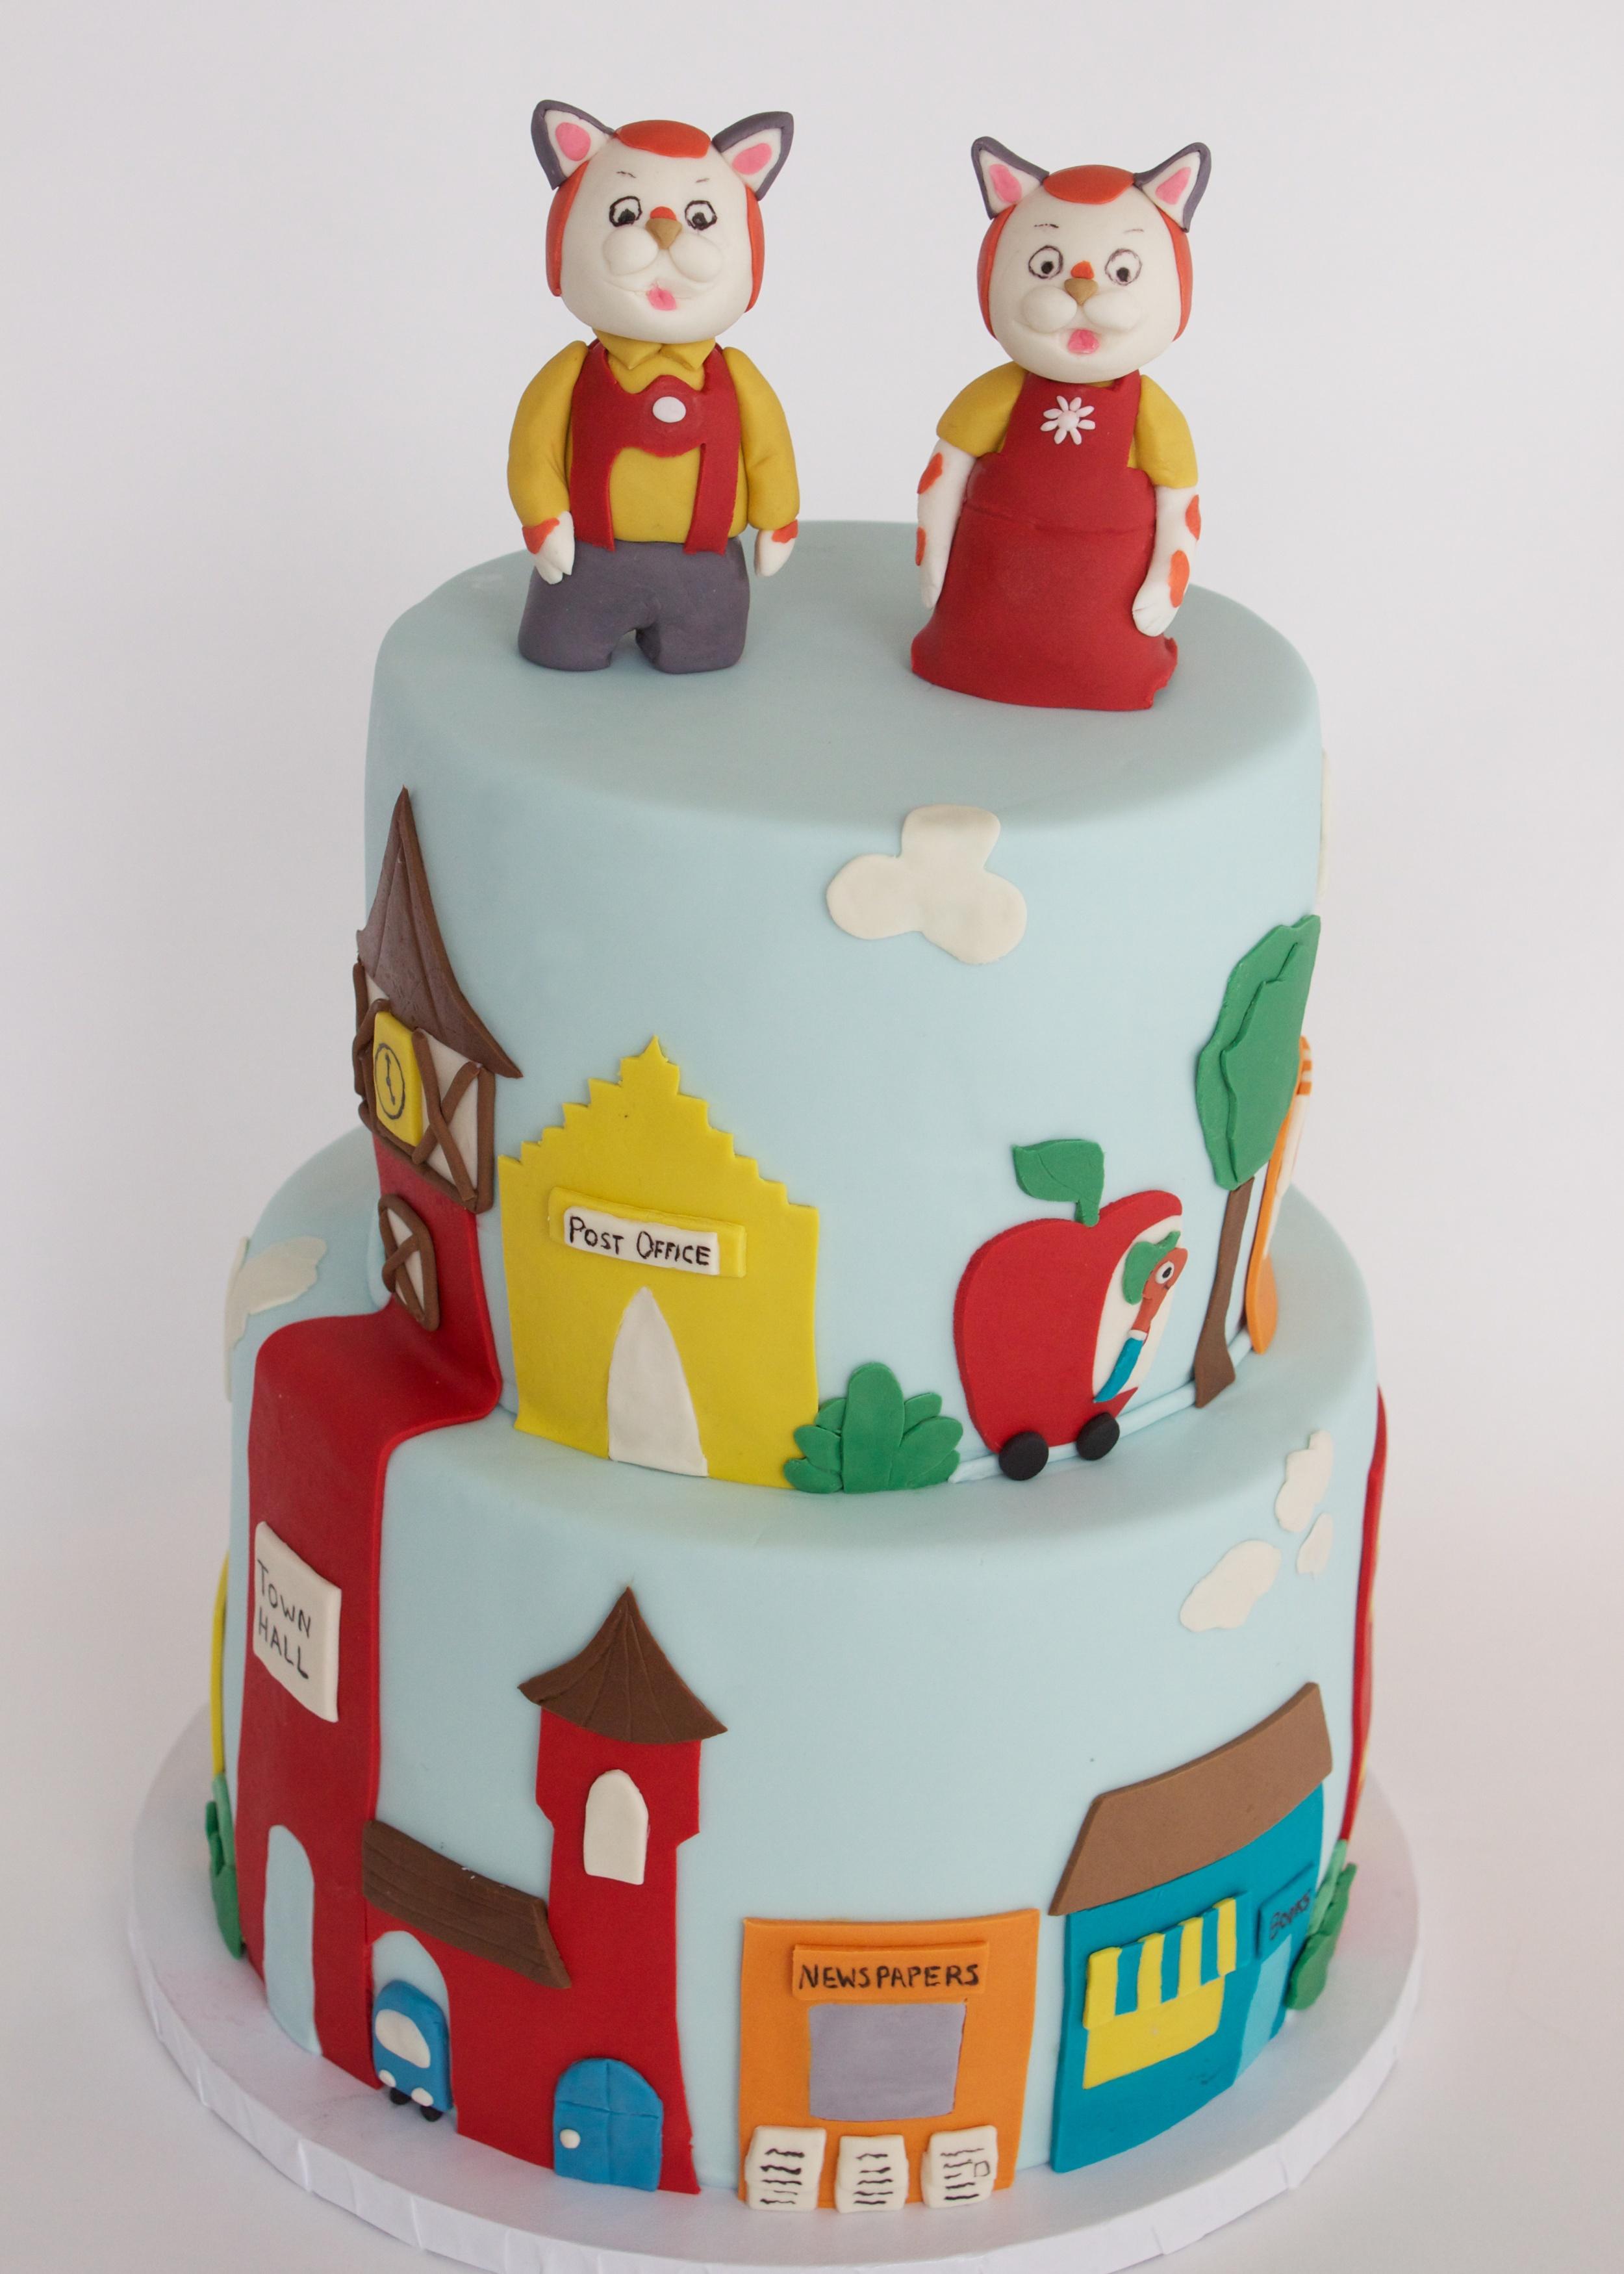 busy town cake v1.jpg